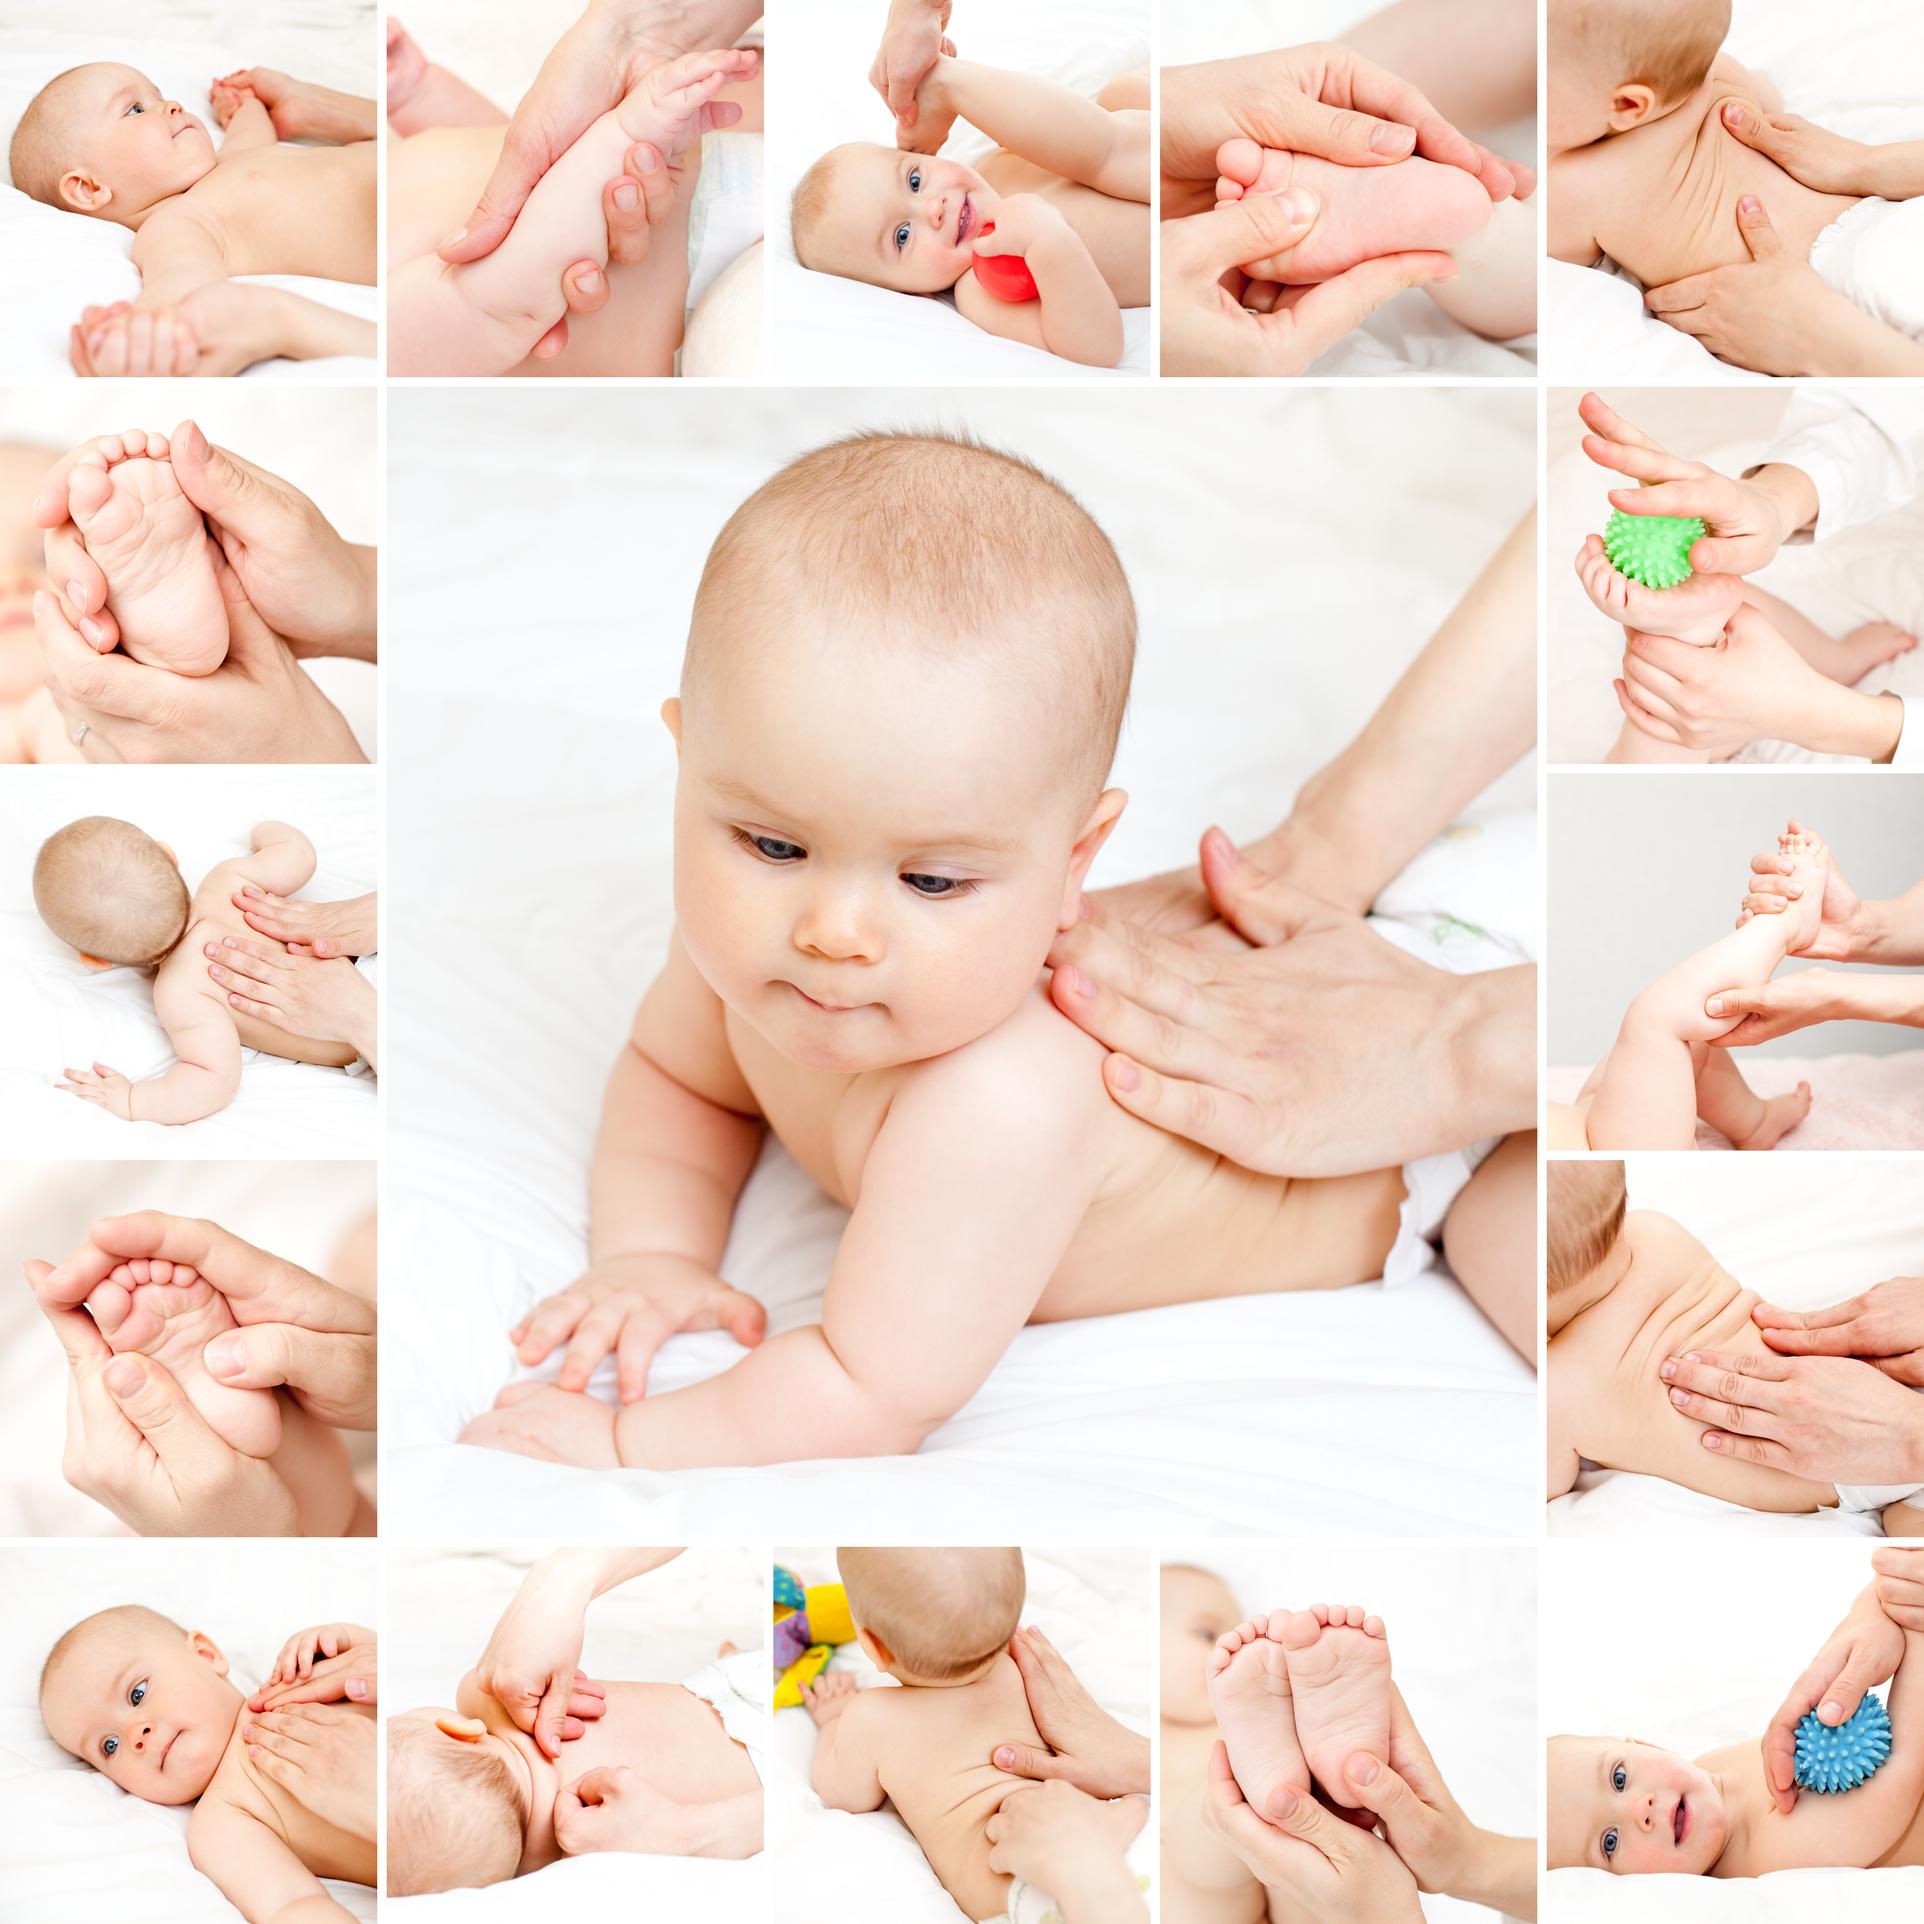 Массаж для ребенка в домашних условиях